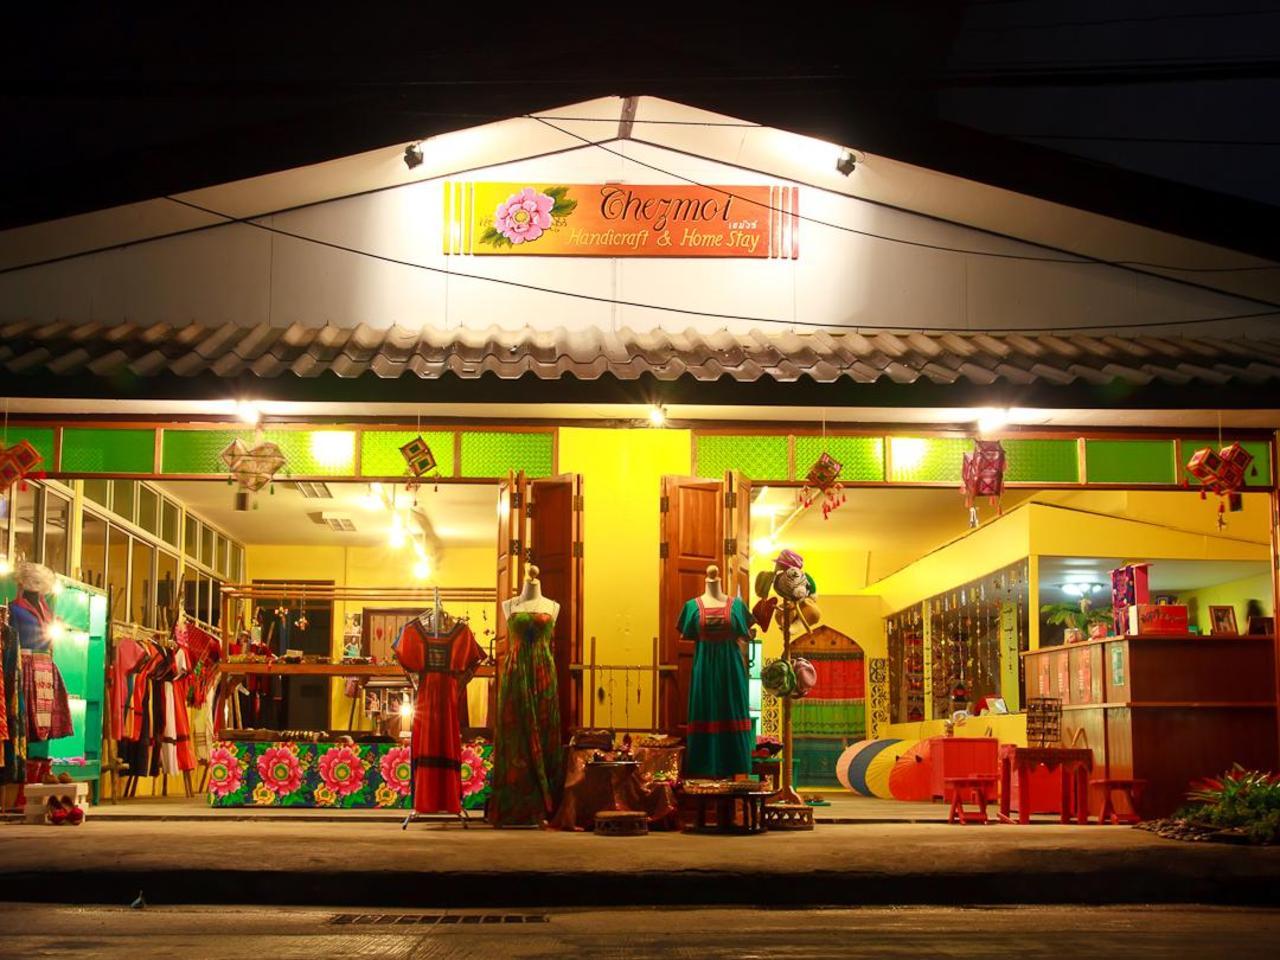 เชมัวร์ แฮนดิคราฟ แอนด์ โฮมสเตย์ (Chezmoi Handicraft & Homestay)